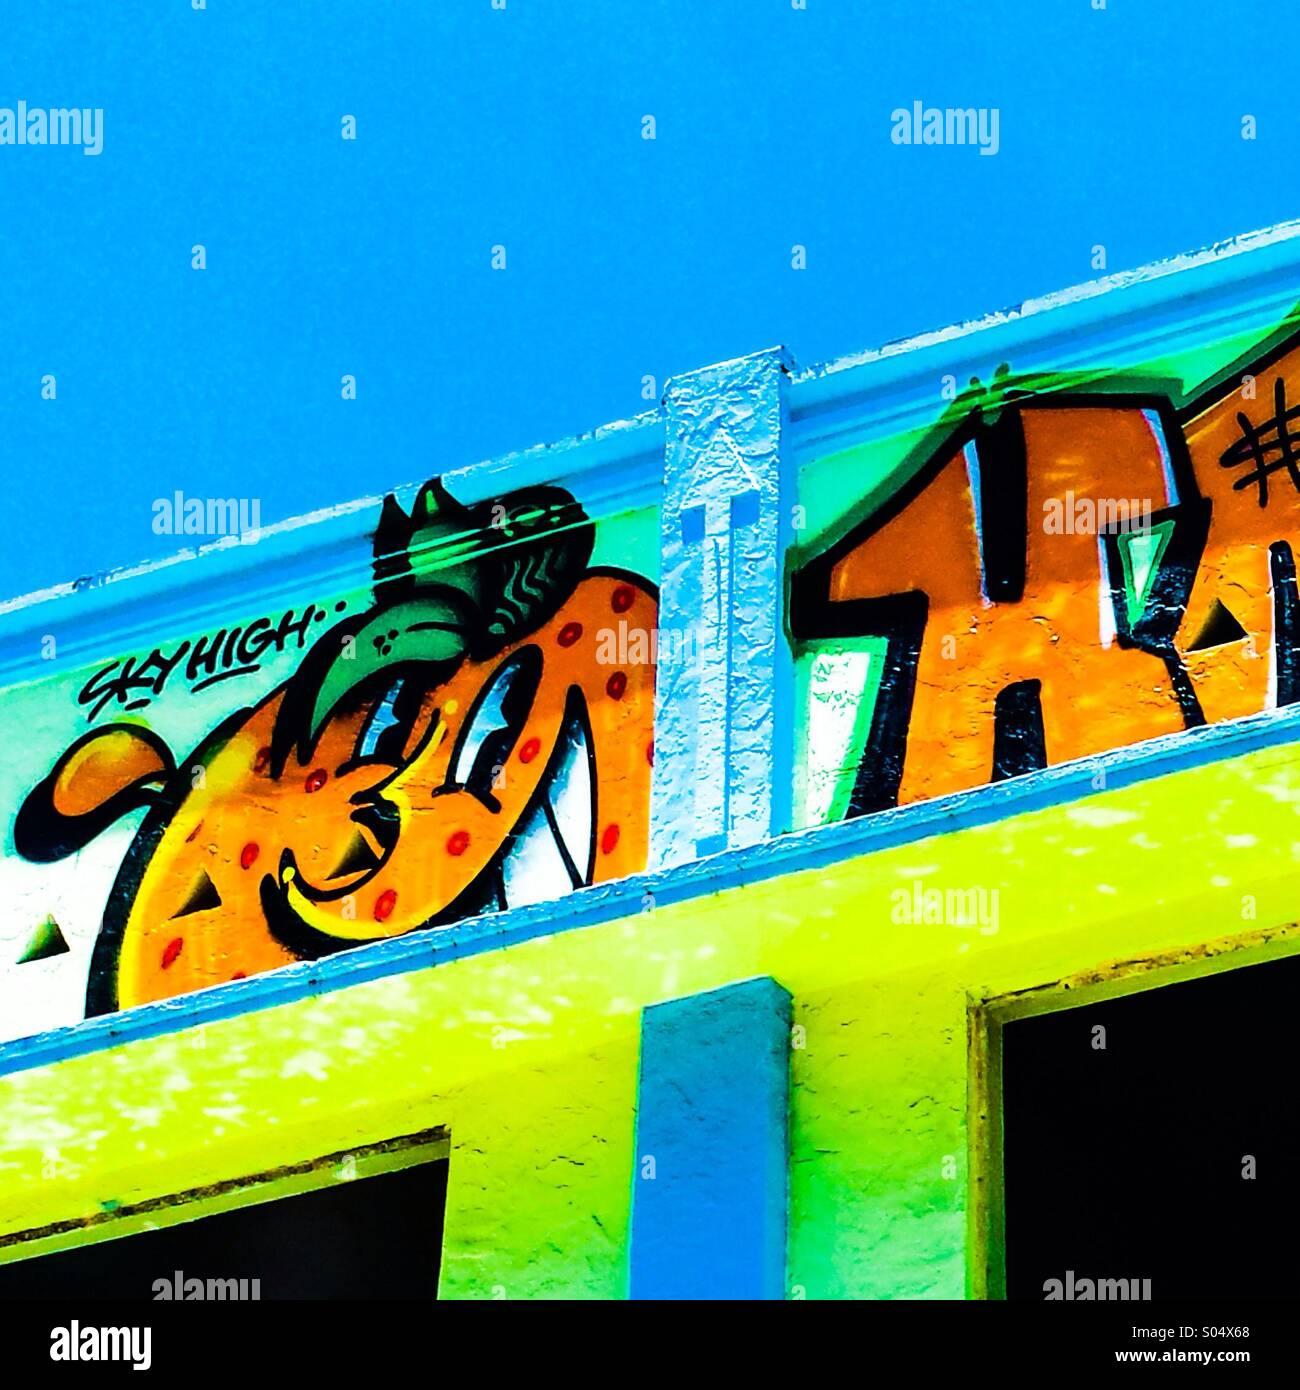 Vibrant graffiti decorates facade of old historic Miami building. - Stock Image